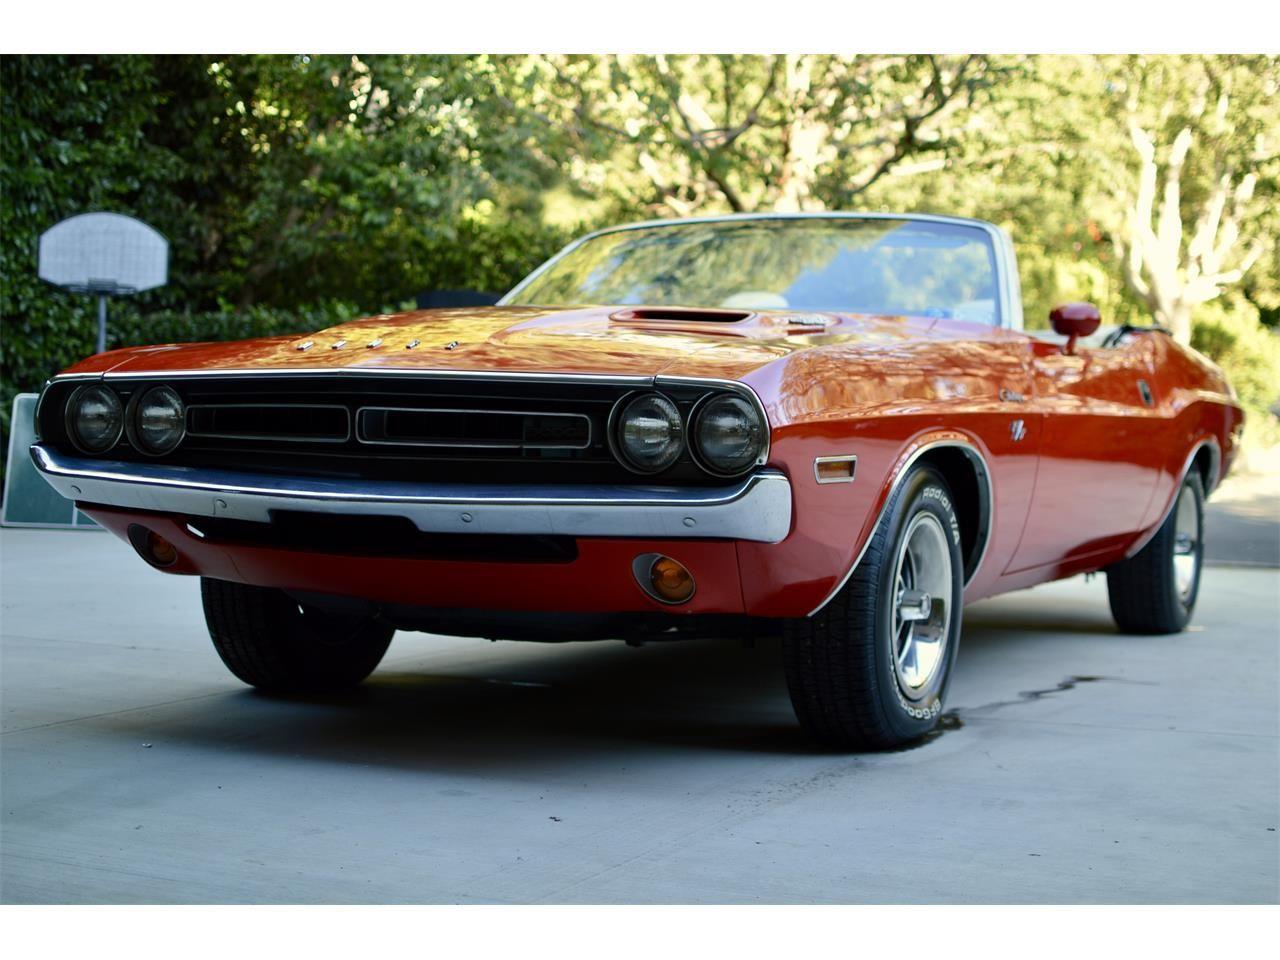 1971 Dodge Challenger Convertible 440/6 pack | mopar | Pinterest ...